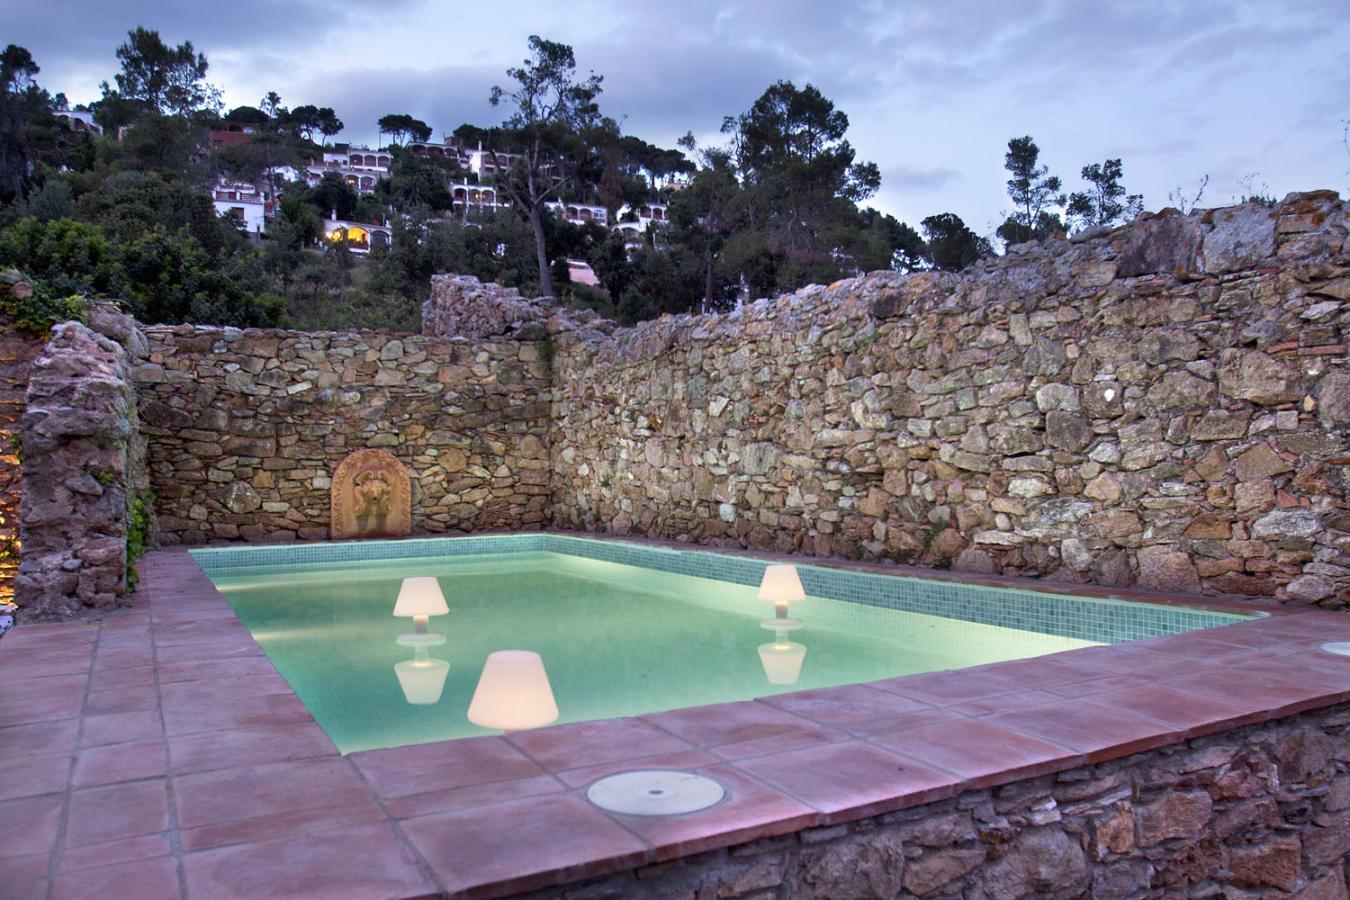 Fotos de ses garites casa rural en pals girona for Casa rural girona piscina